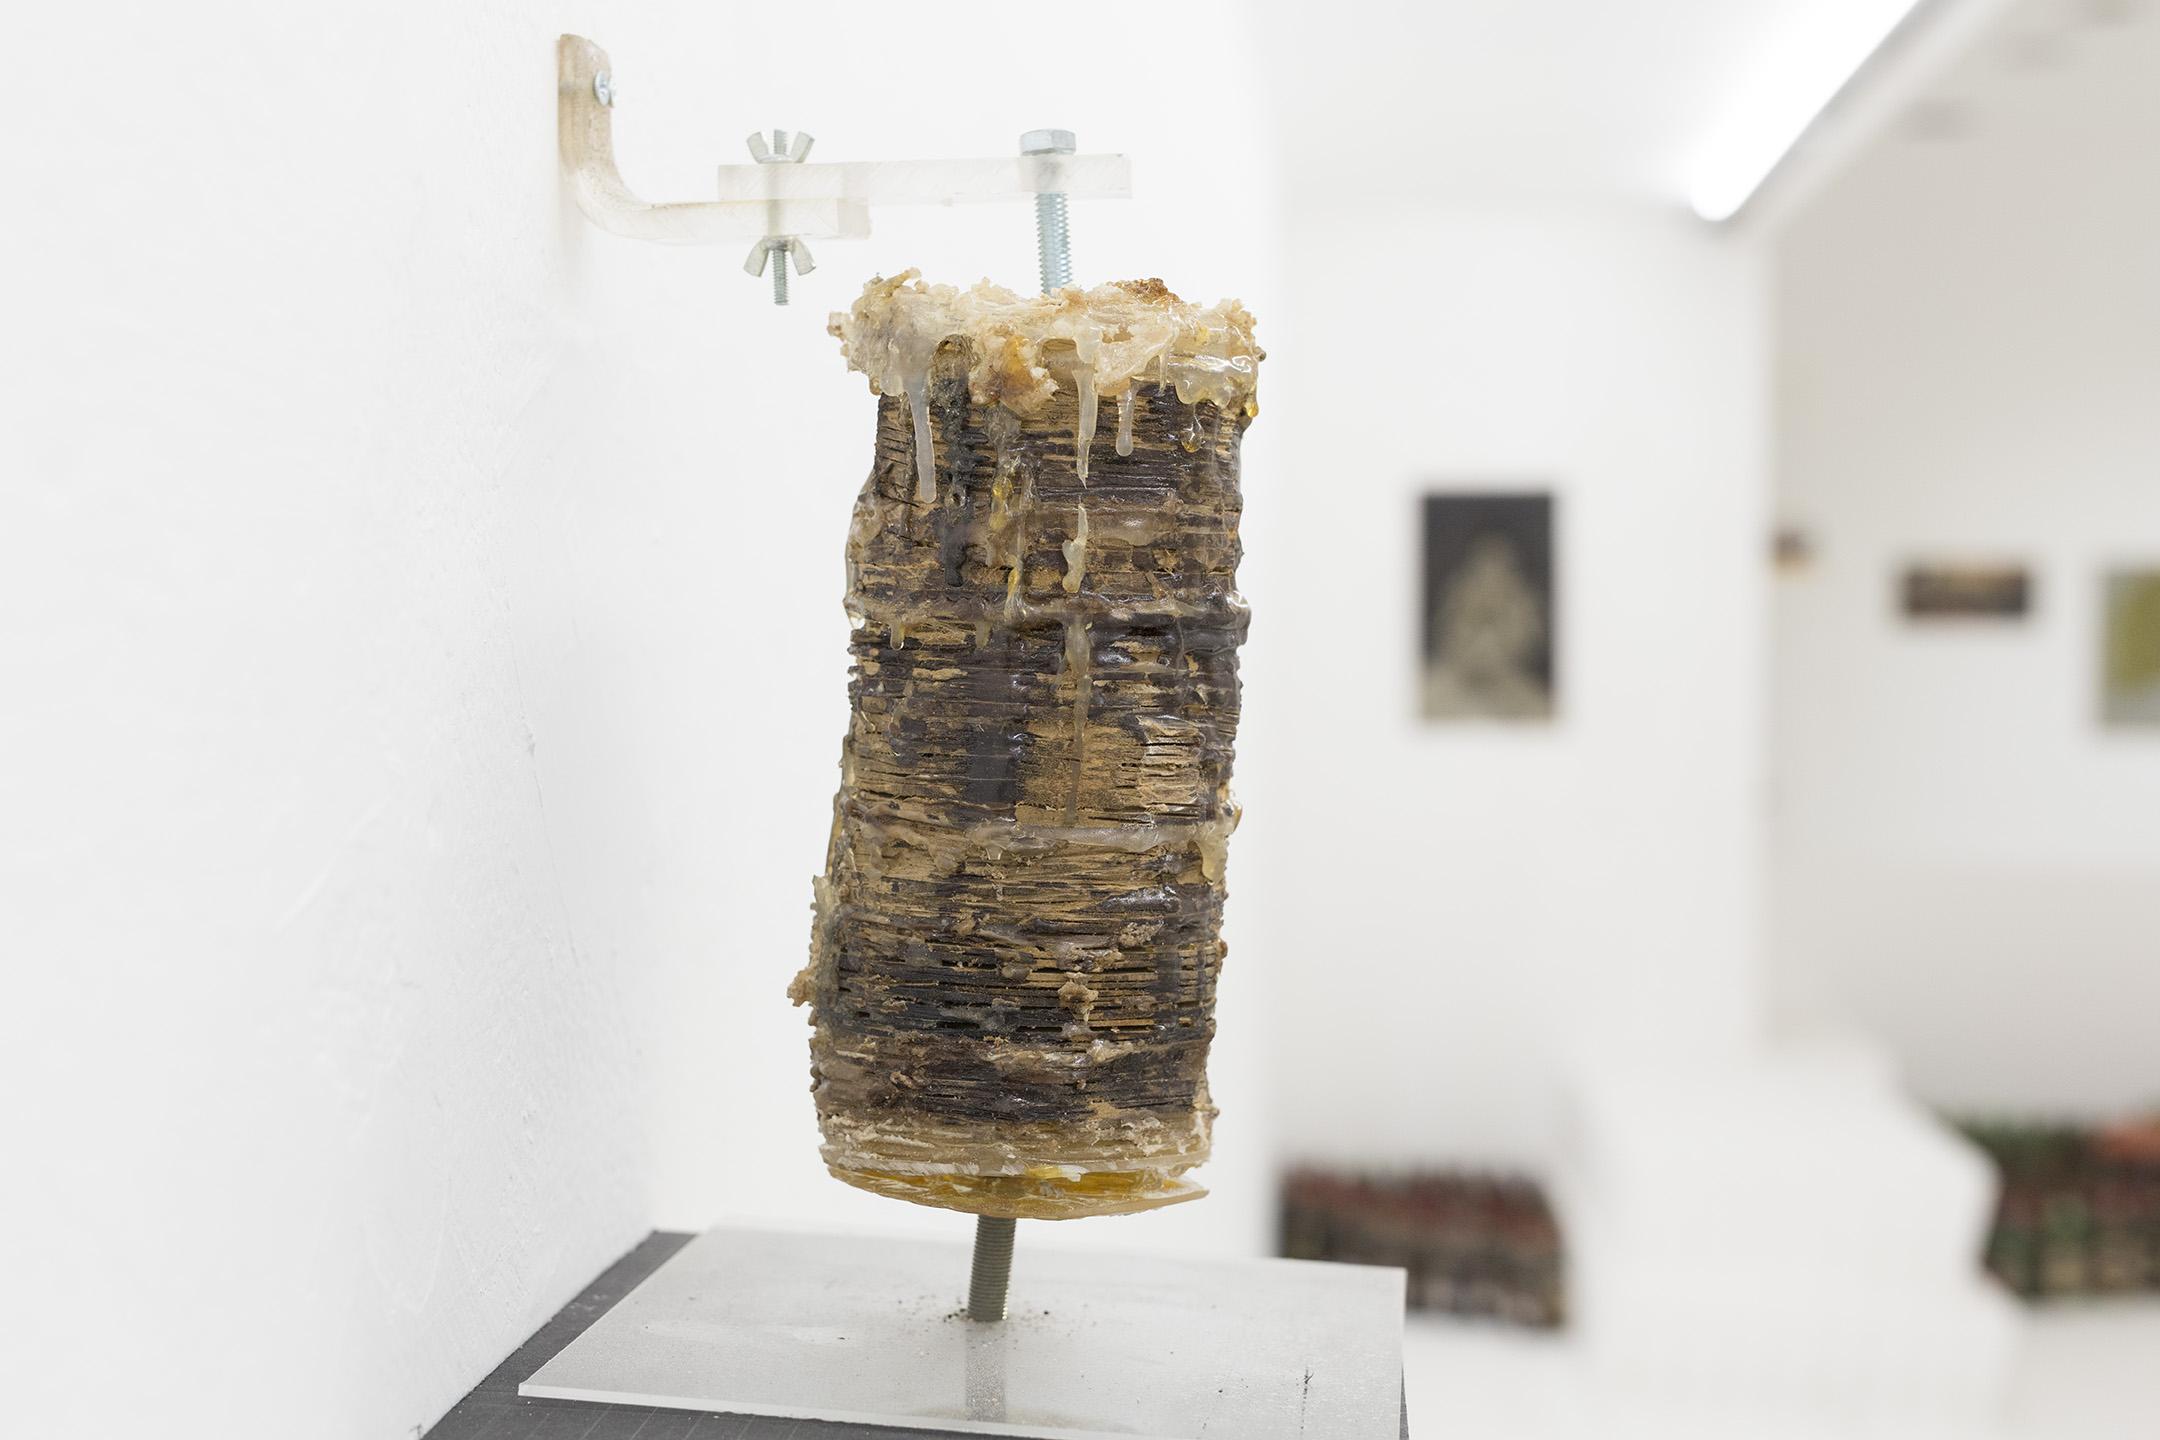 שווארמה 3 (2012), עץ דבק חם ופוליאסטר